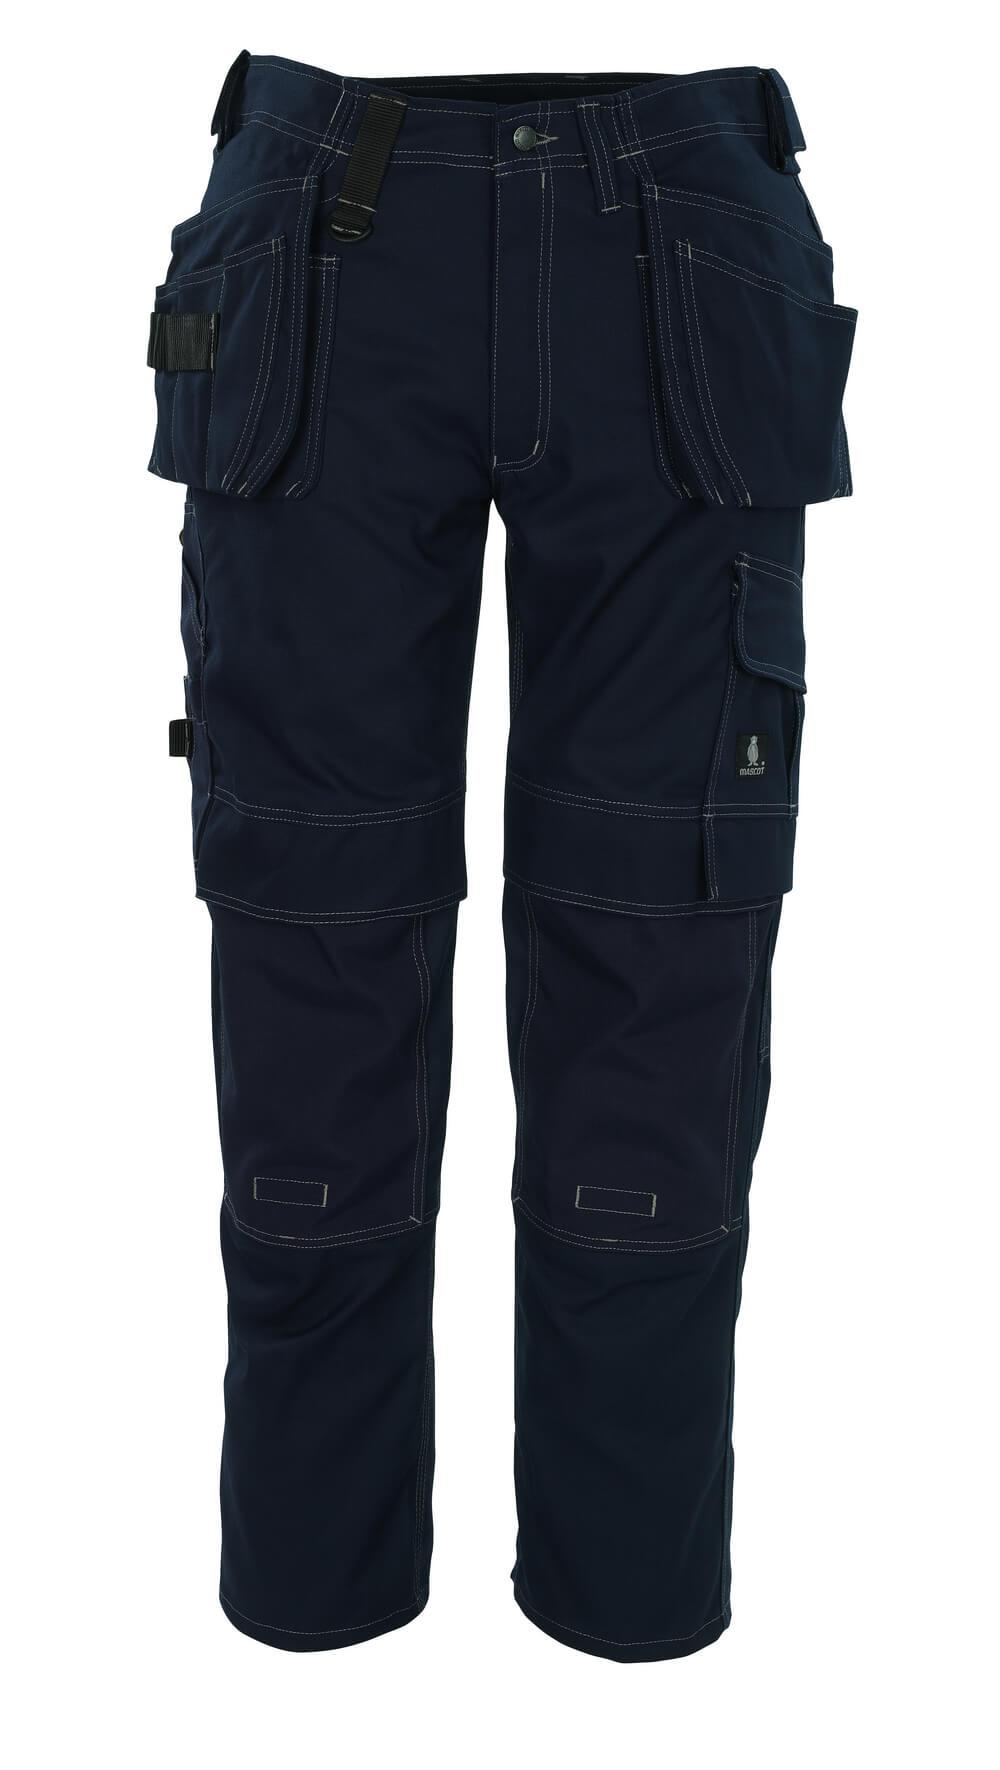 08131-010-01 Bukser med hængelommer - marine